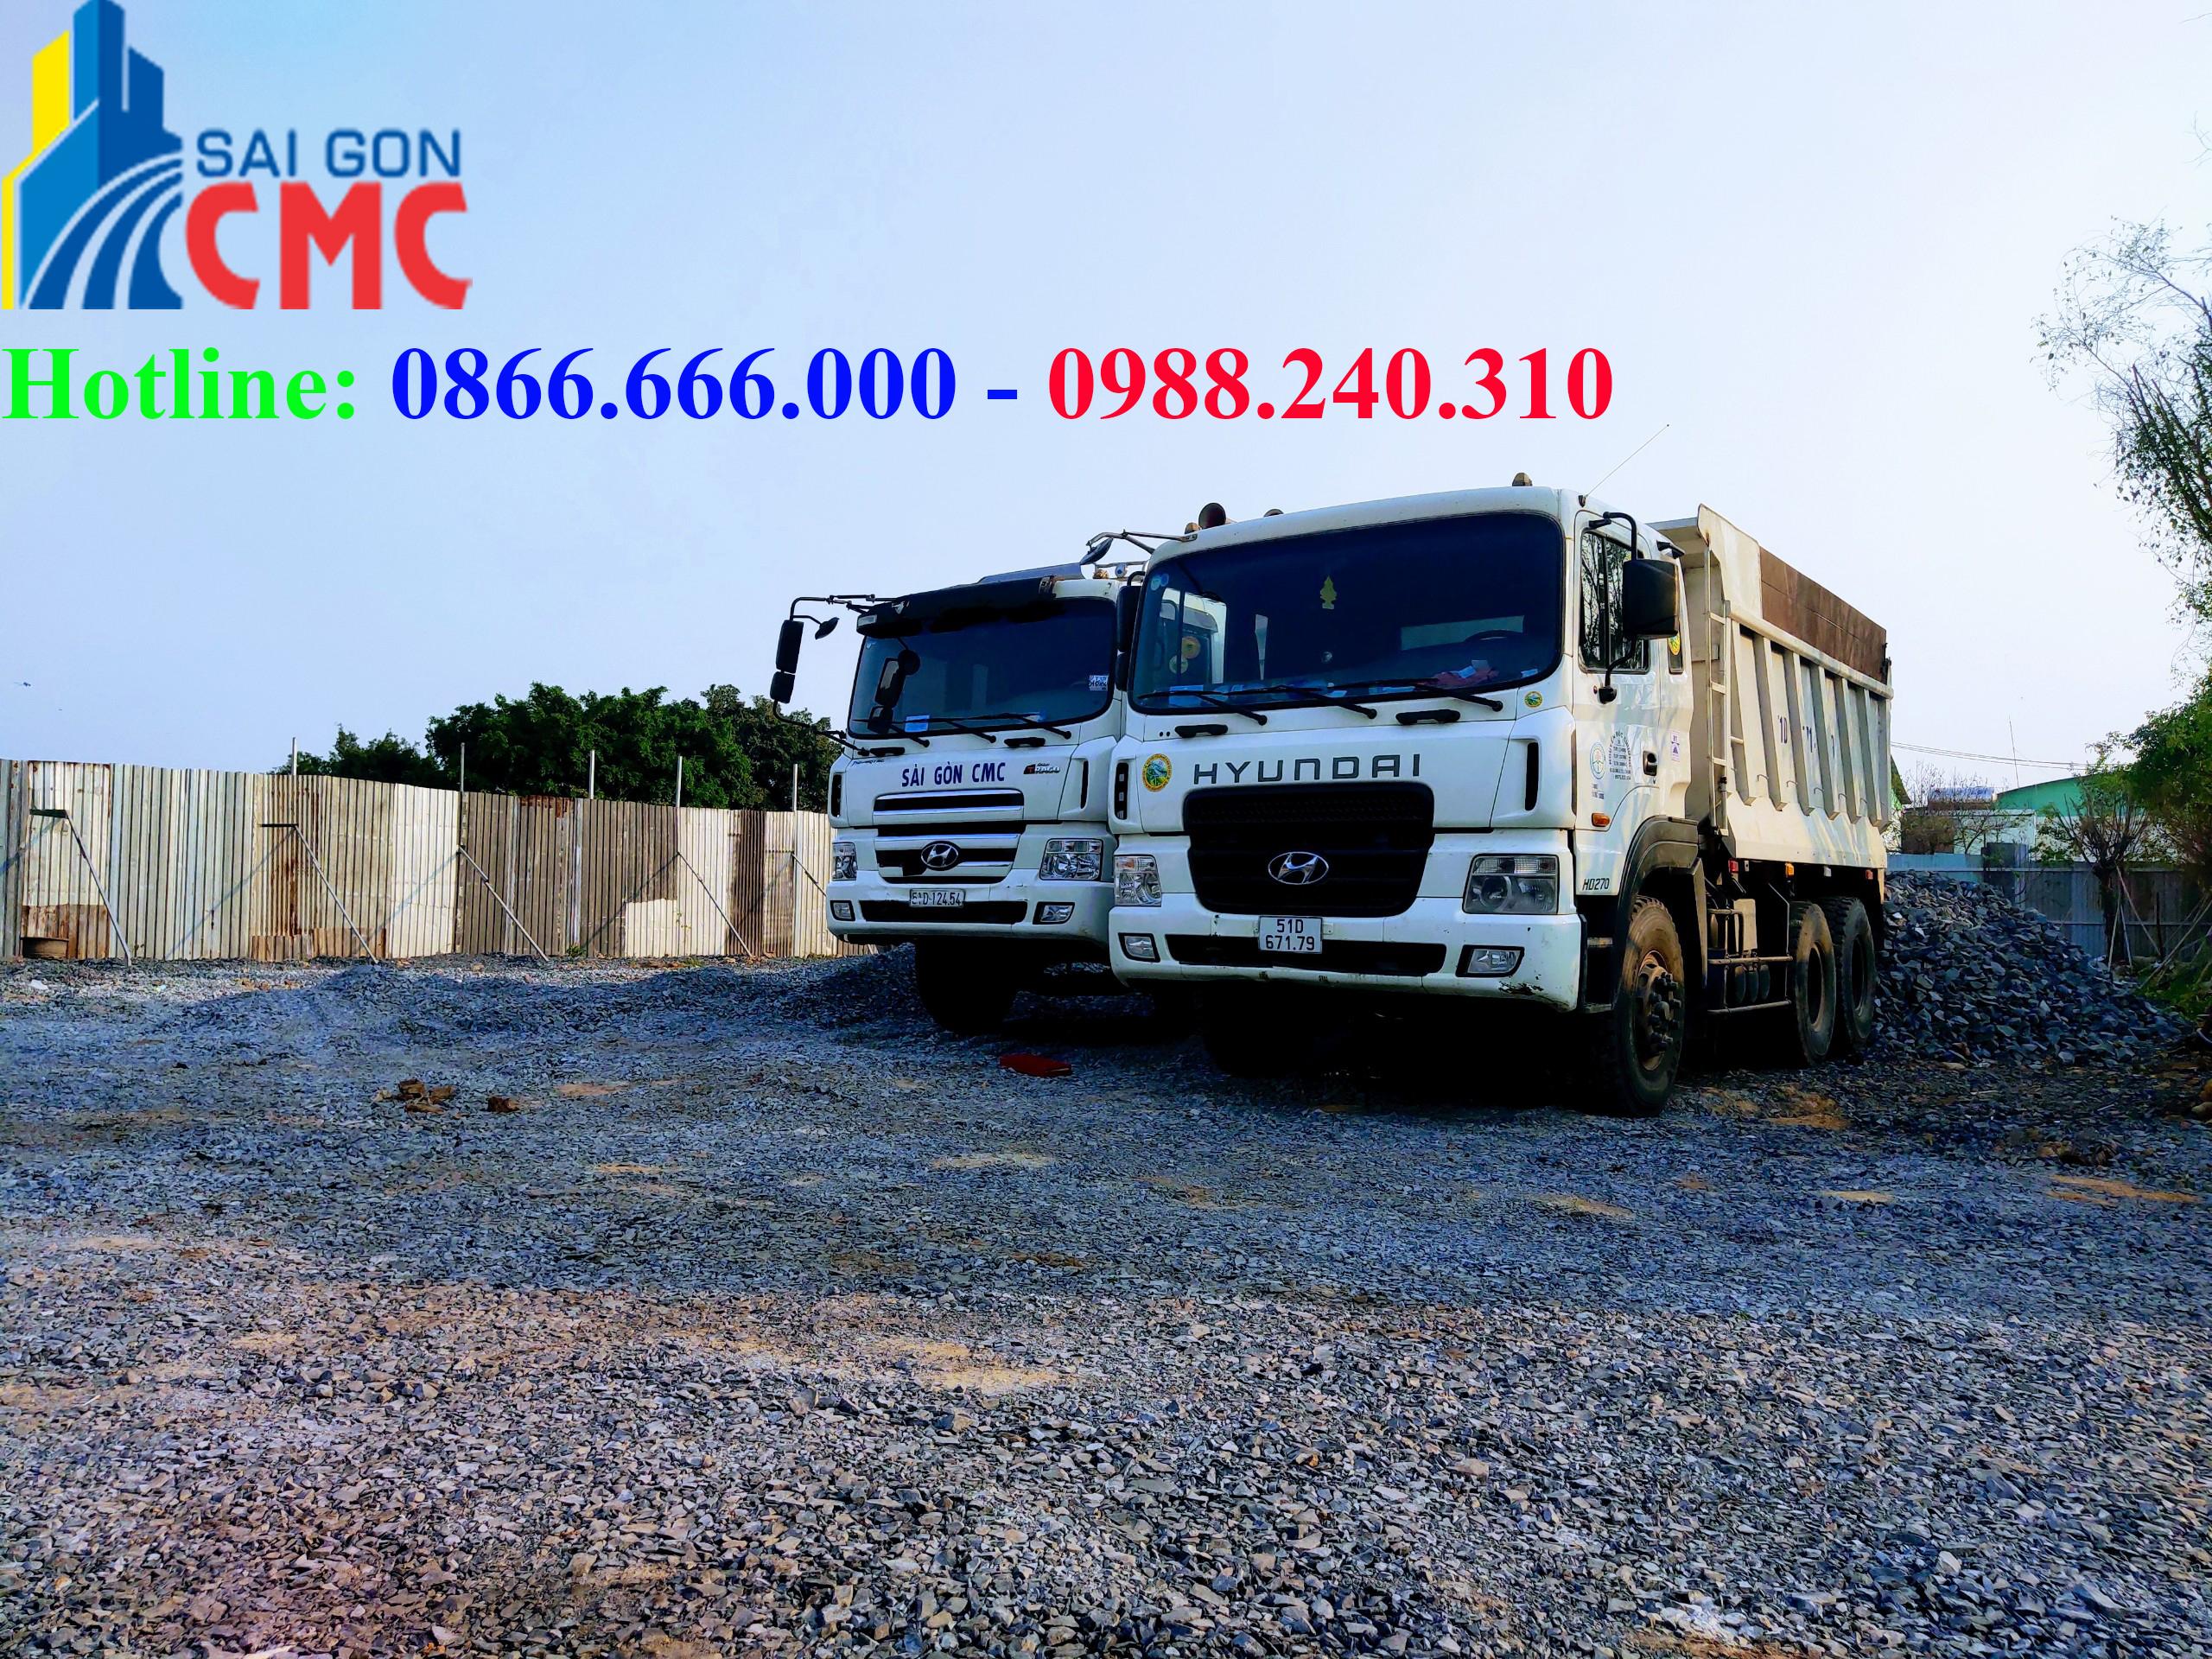 Dịch vụ vận chuyển, đổ dọn xà bần giá rẻ tại TPHCM